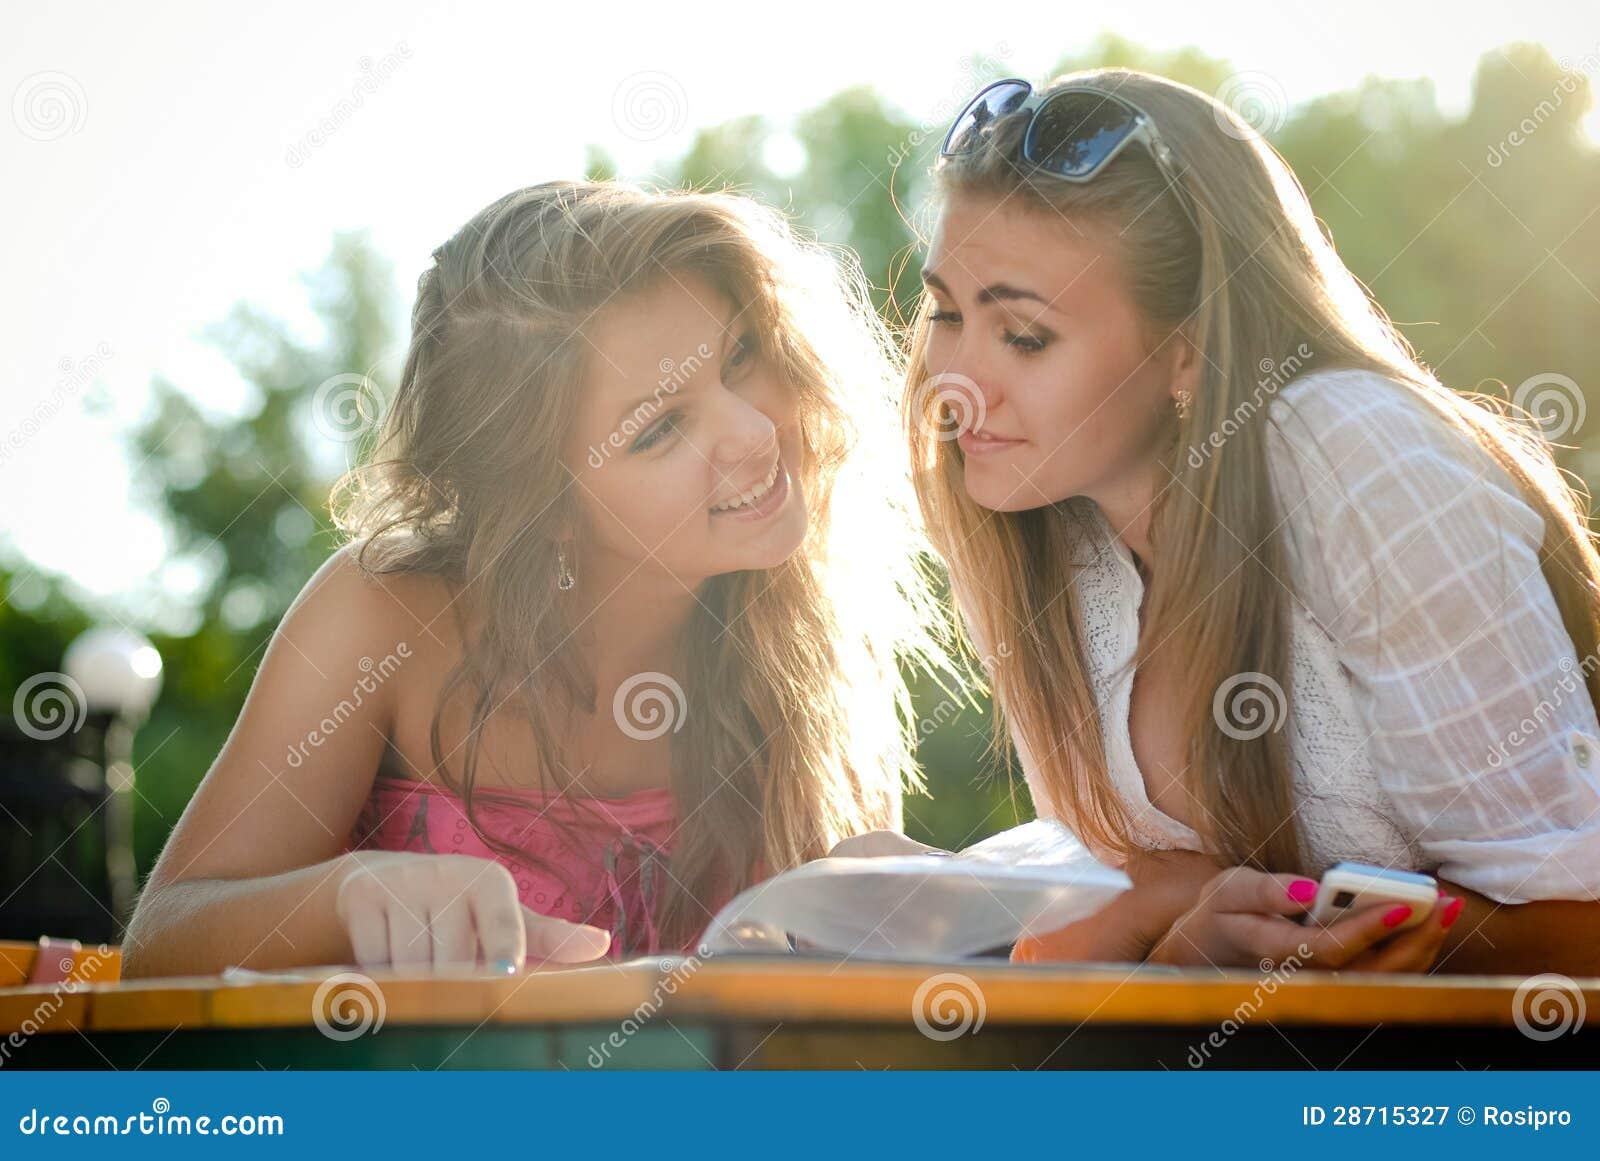 Фото две подружки в сперме, Фото сочных дырок подруги в сперме - Частные фото 25 фотография